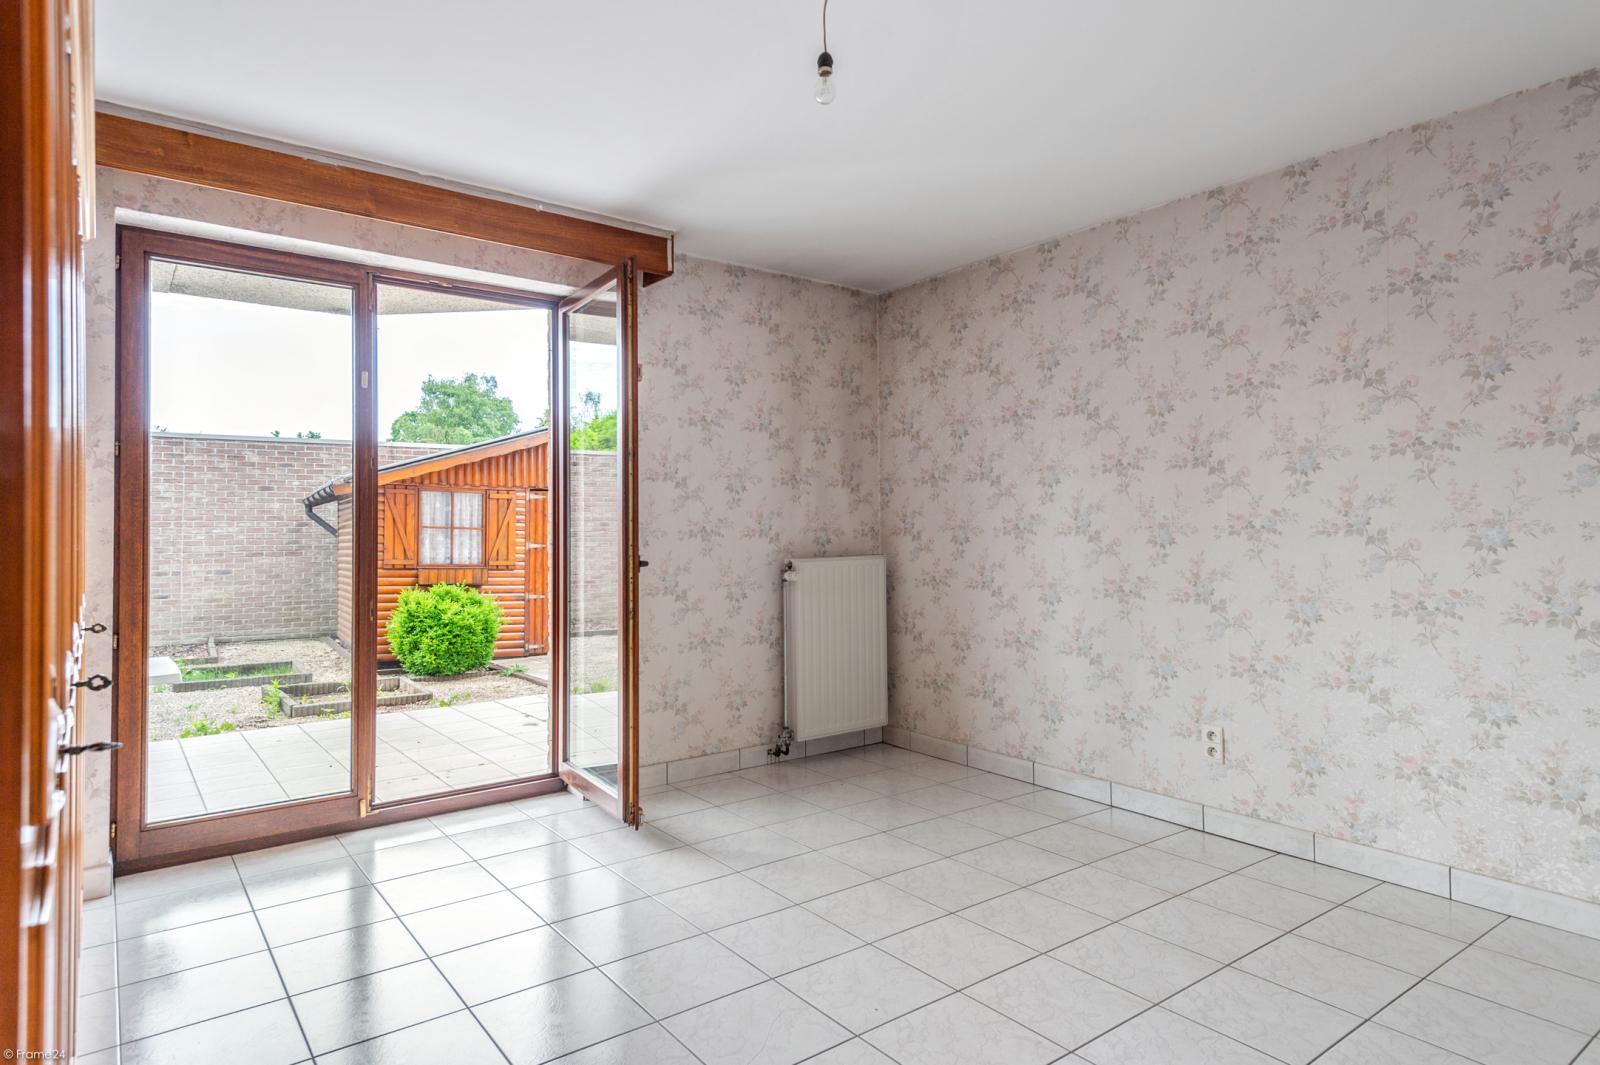 Zeer verzorgd en ruim gelijkvloers appartement (+/- 100m²) met tuin nabij het centrum van Schoten! afbeelding 12